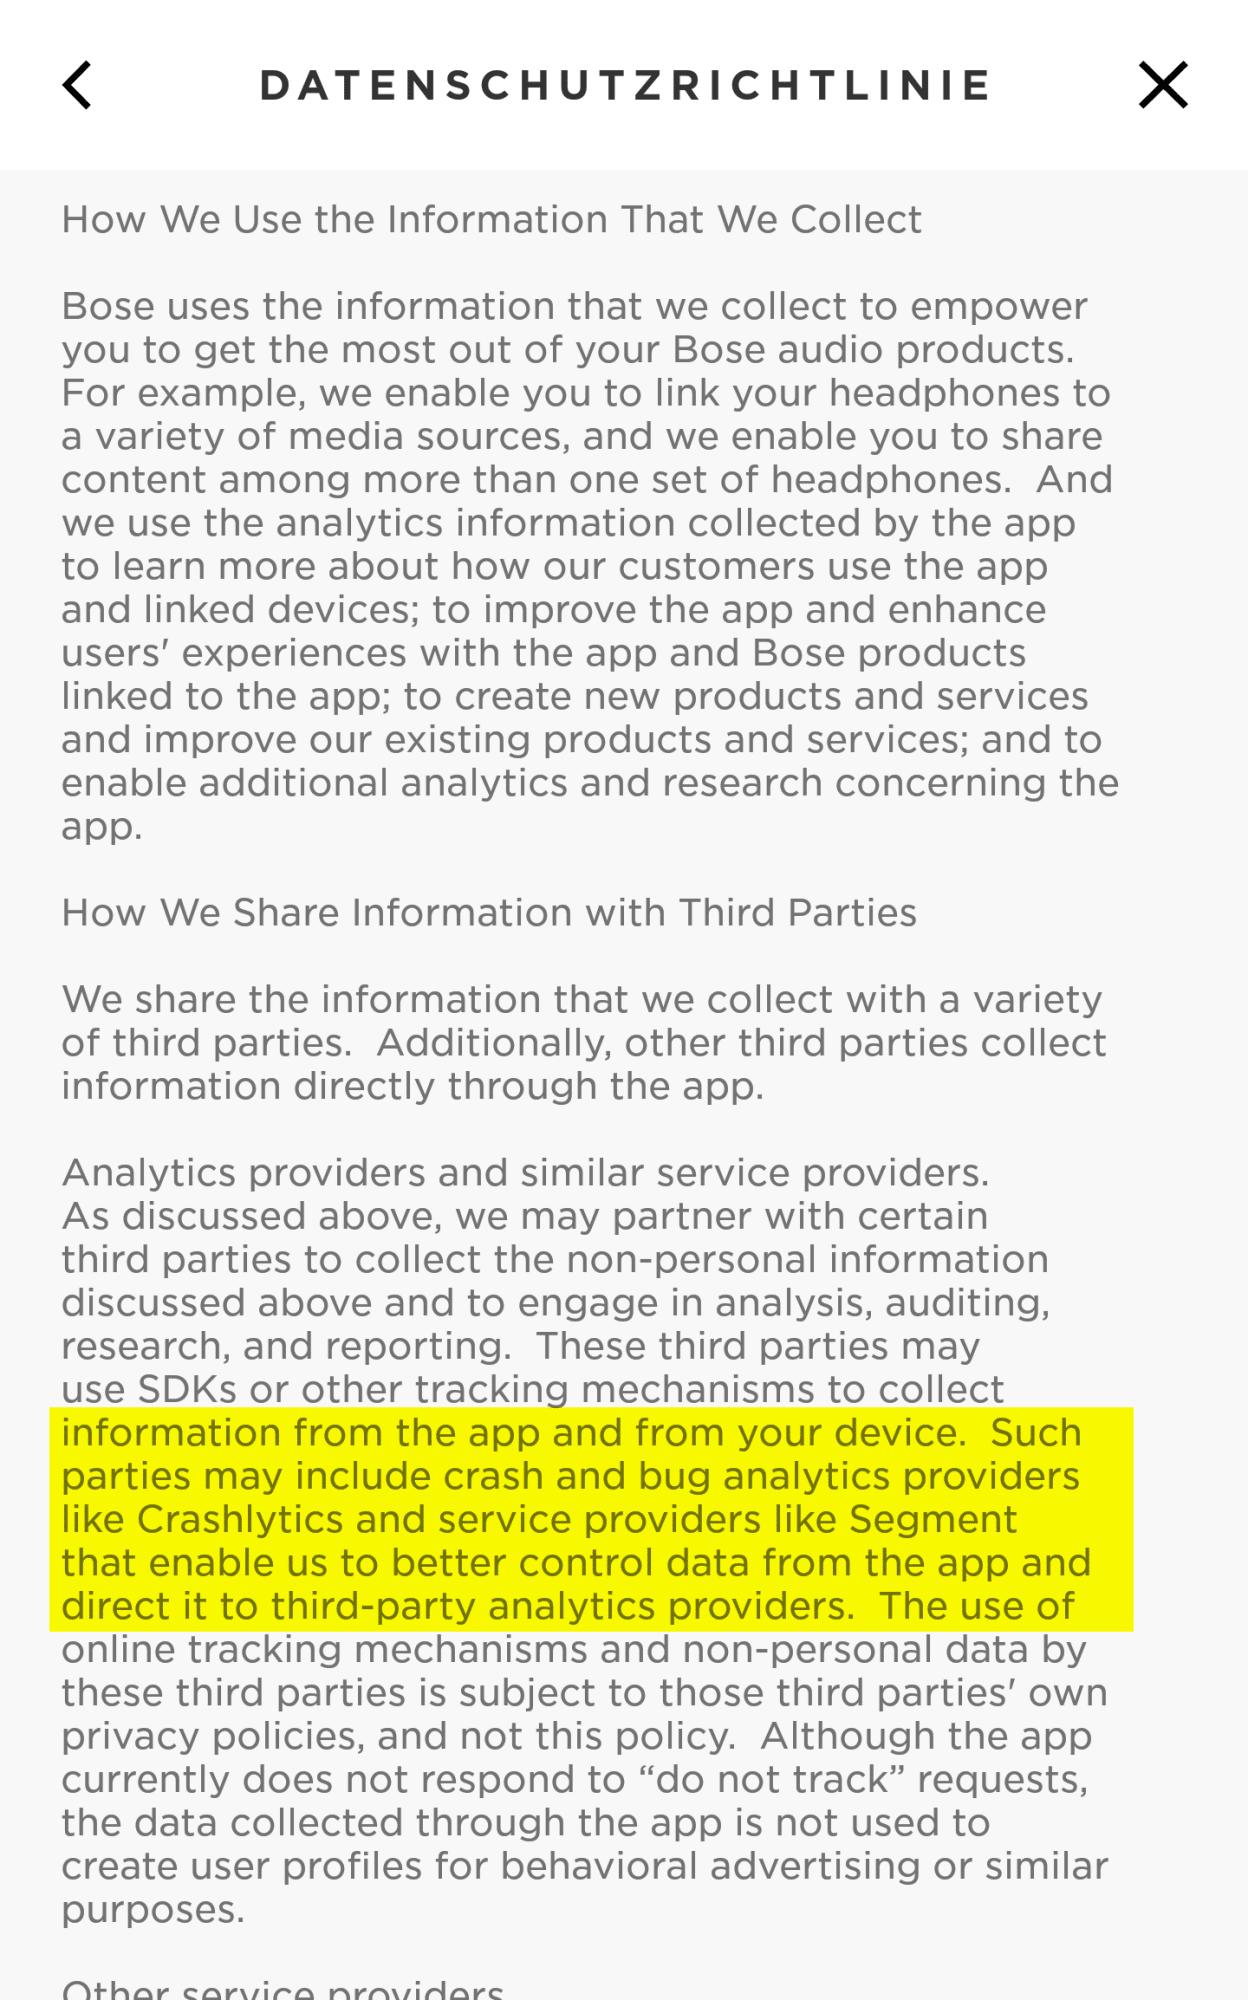 Auszug aus den Datenschutzbestimmungen von Bose (Hervorhebung durch heise online)